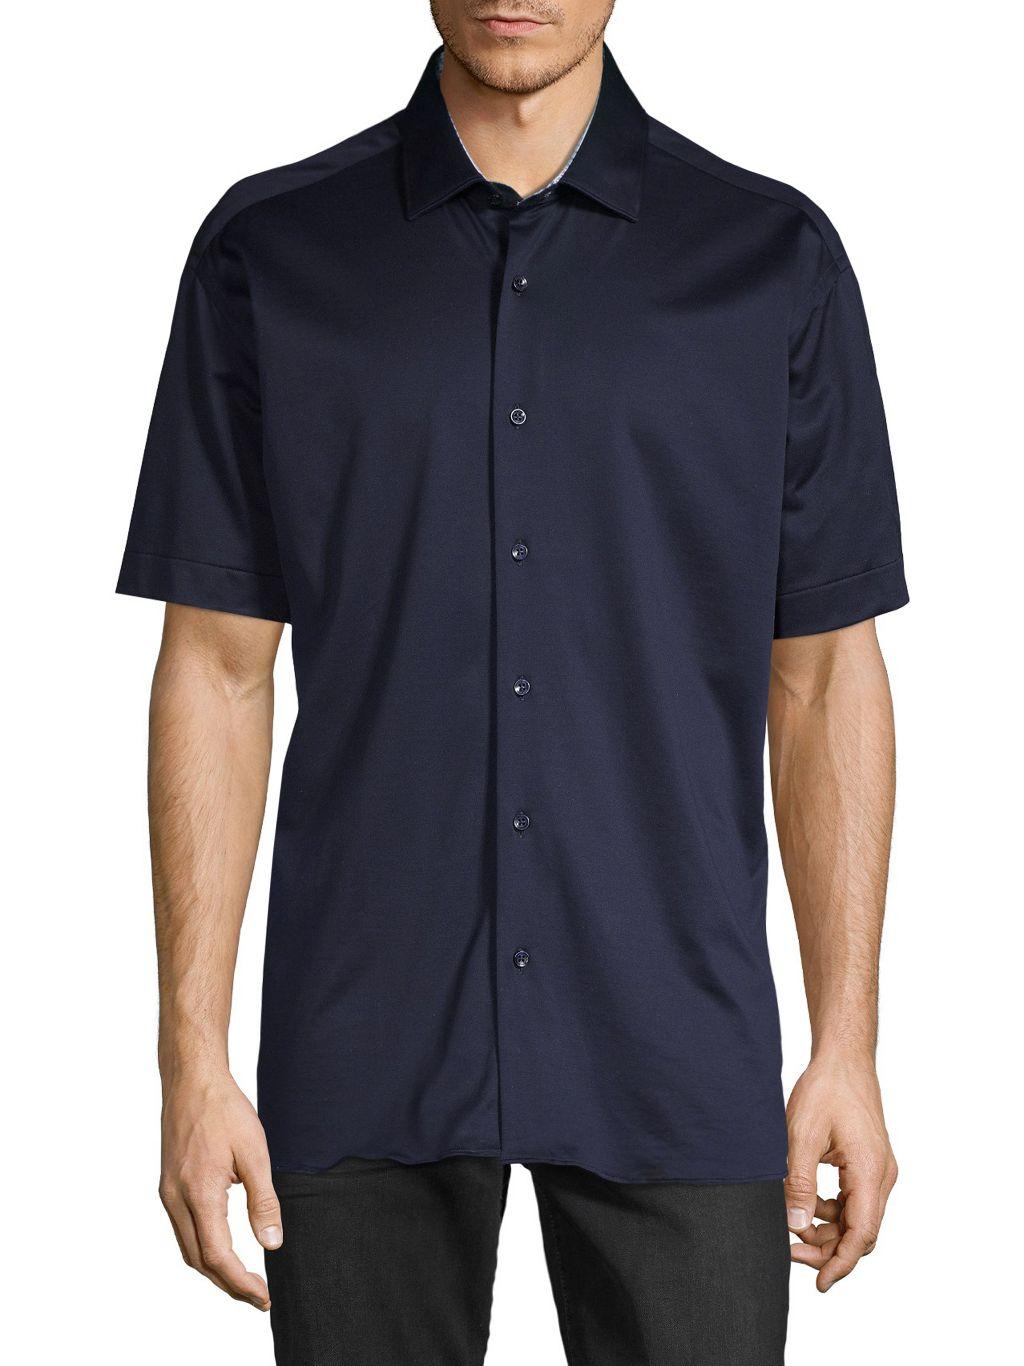 Bertigo Solid Cotton Short-Sleeve Shirt